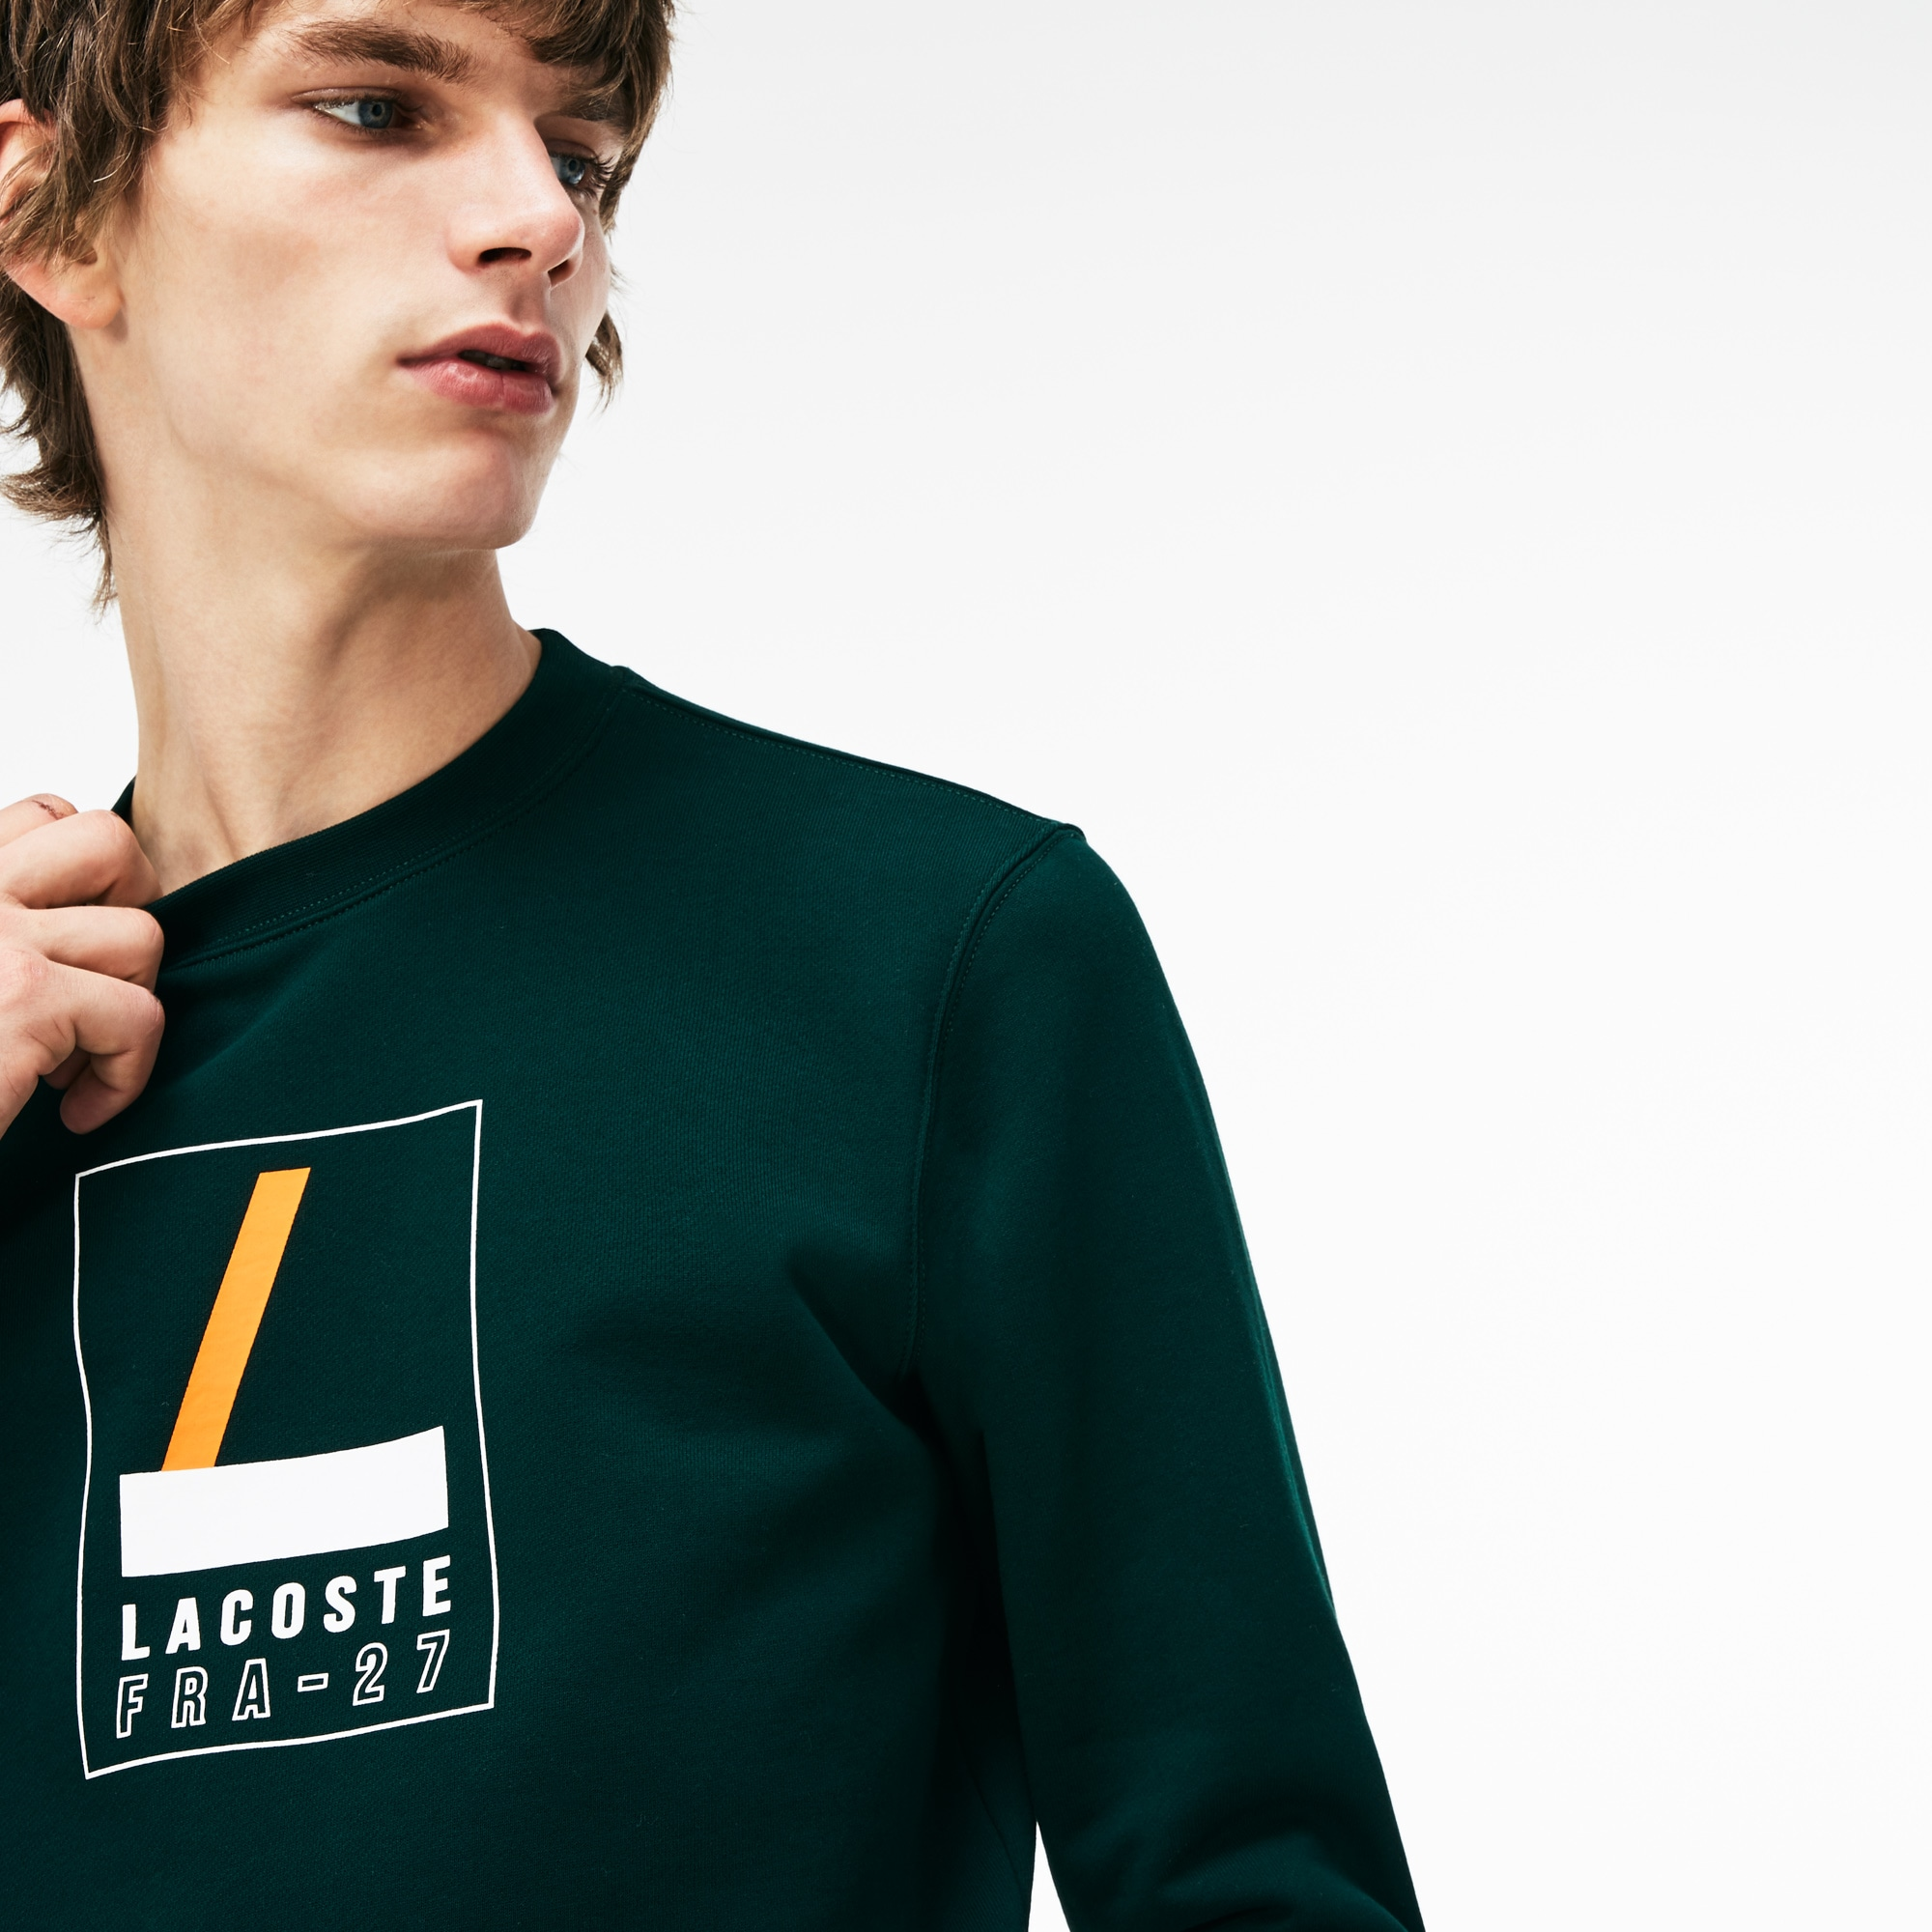 Artikel klicken und genauer betrachten! - Dieses Rundhals-Sweatshirt aus Baumwollfleece steht für urbanes Flair. Grafischer LACOSTE Schriftzug und Rippabschlüsse verleihen diesem Teil Dynamik. | im Online Shop kaufen